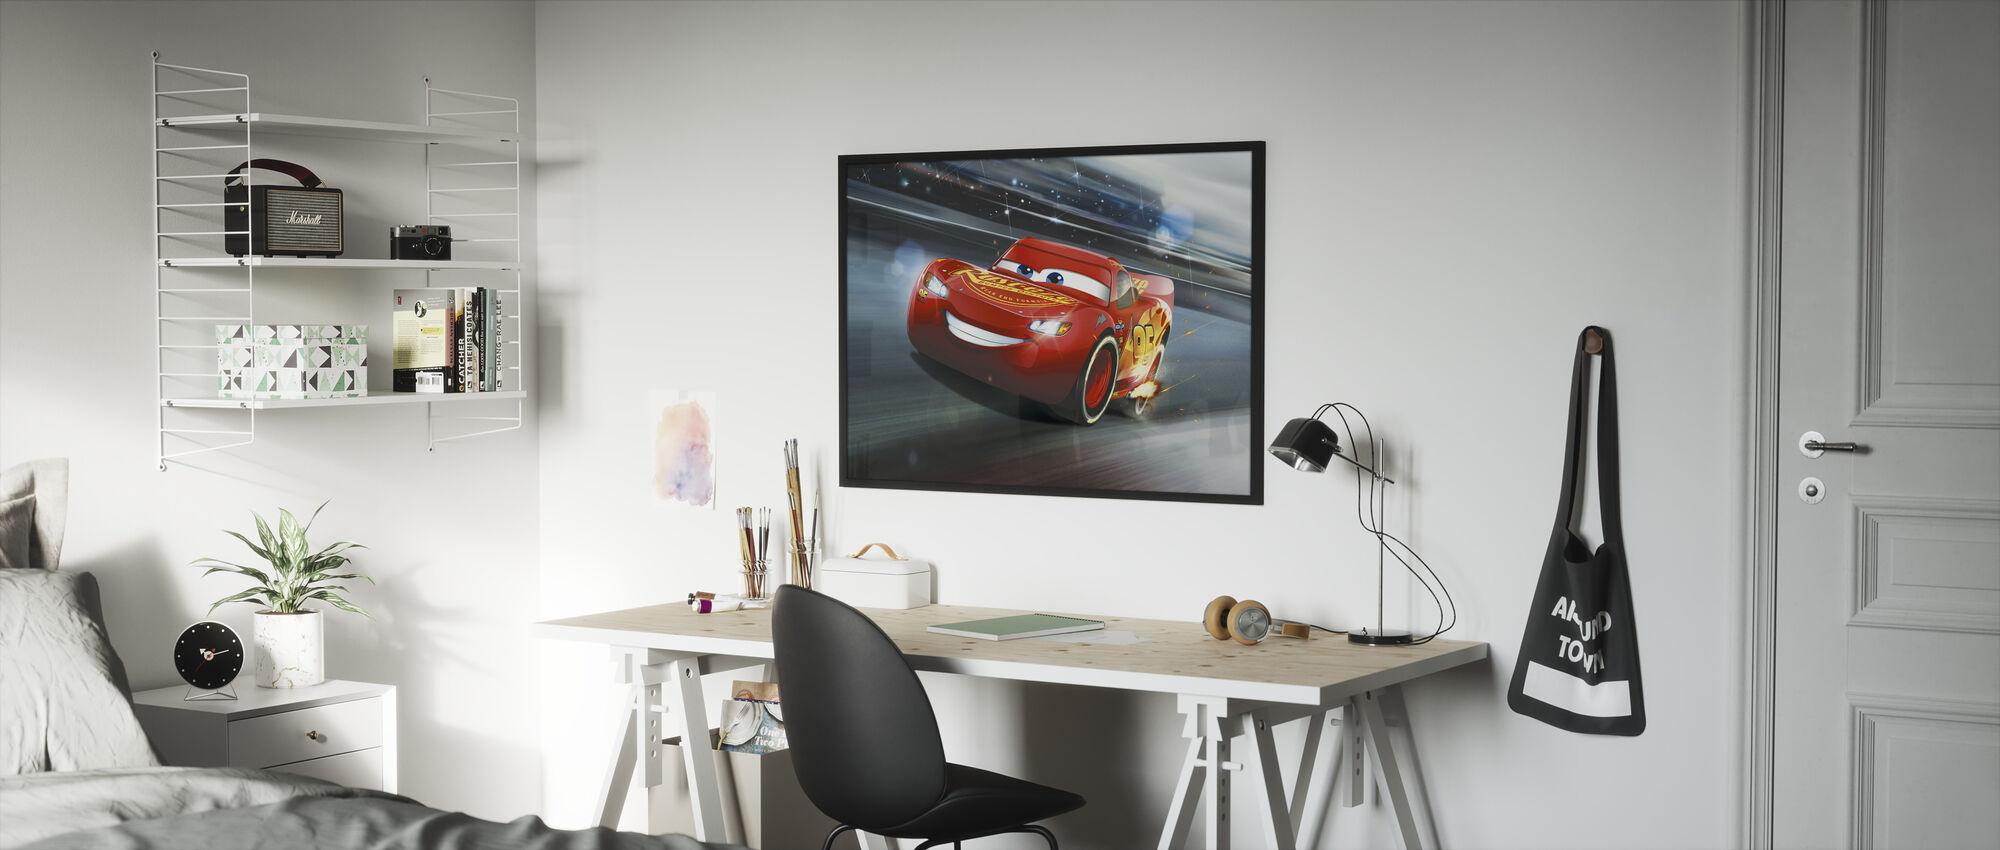 Autot 3 - Salama McQueen - Raidan legenda - Kehystetty kuva - Lastenhuone